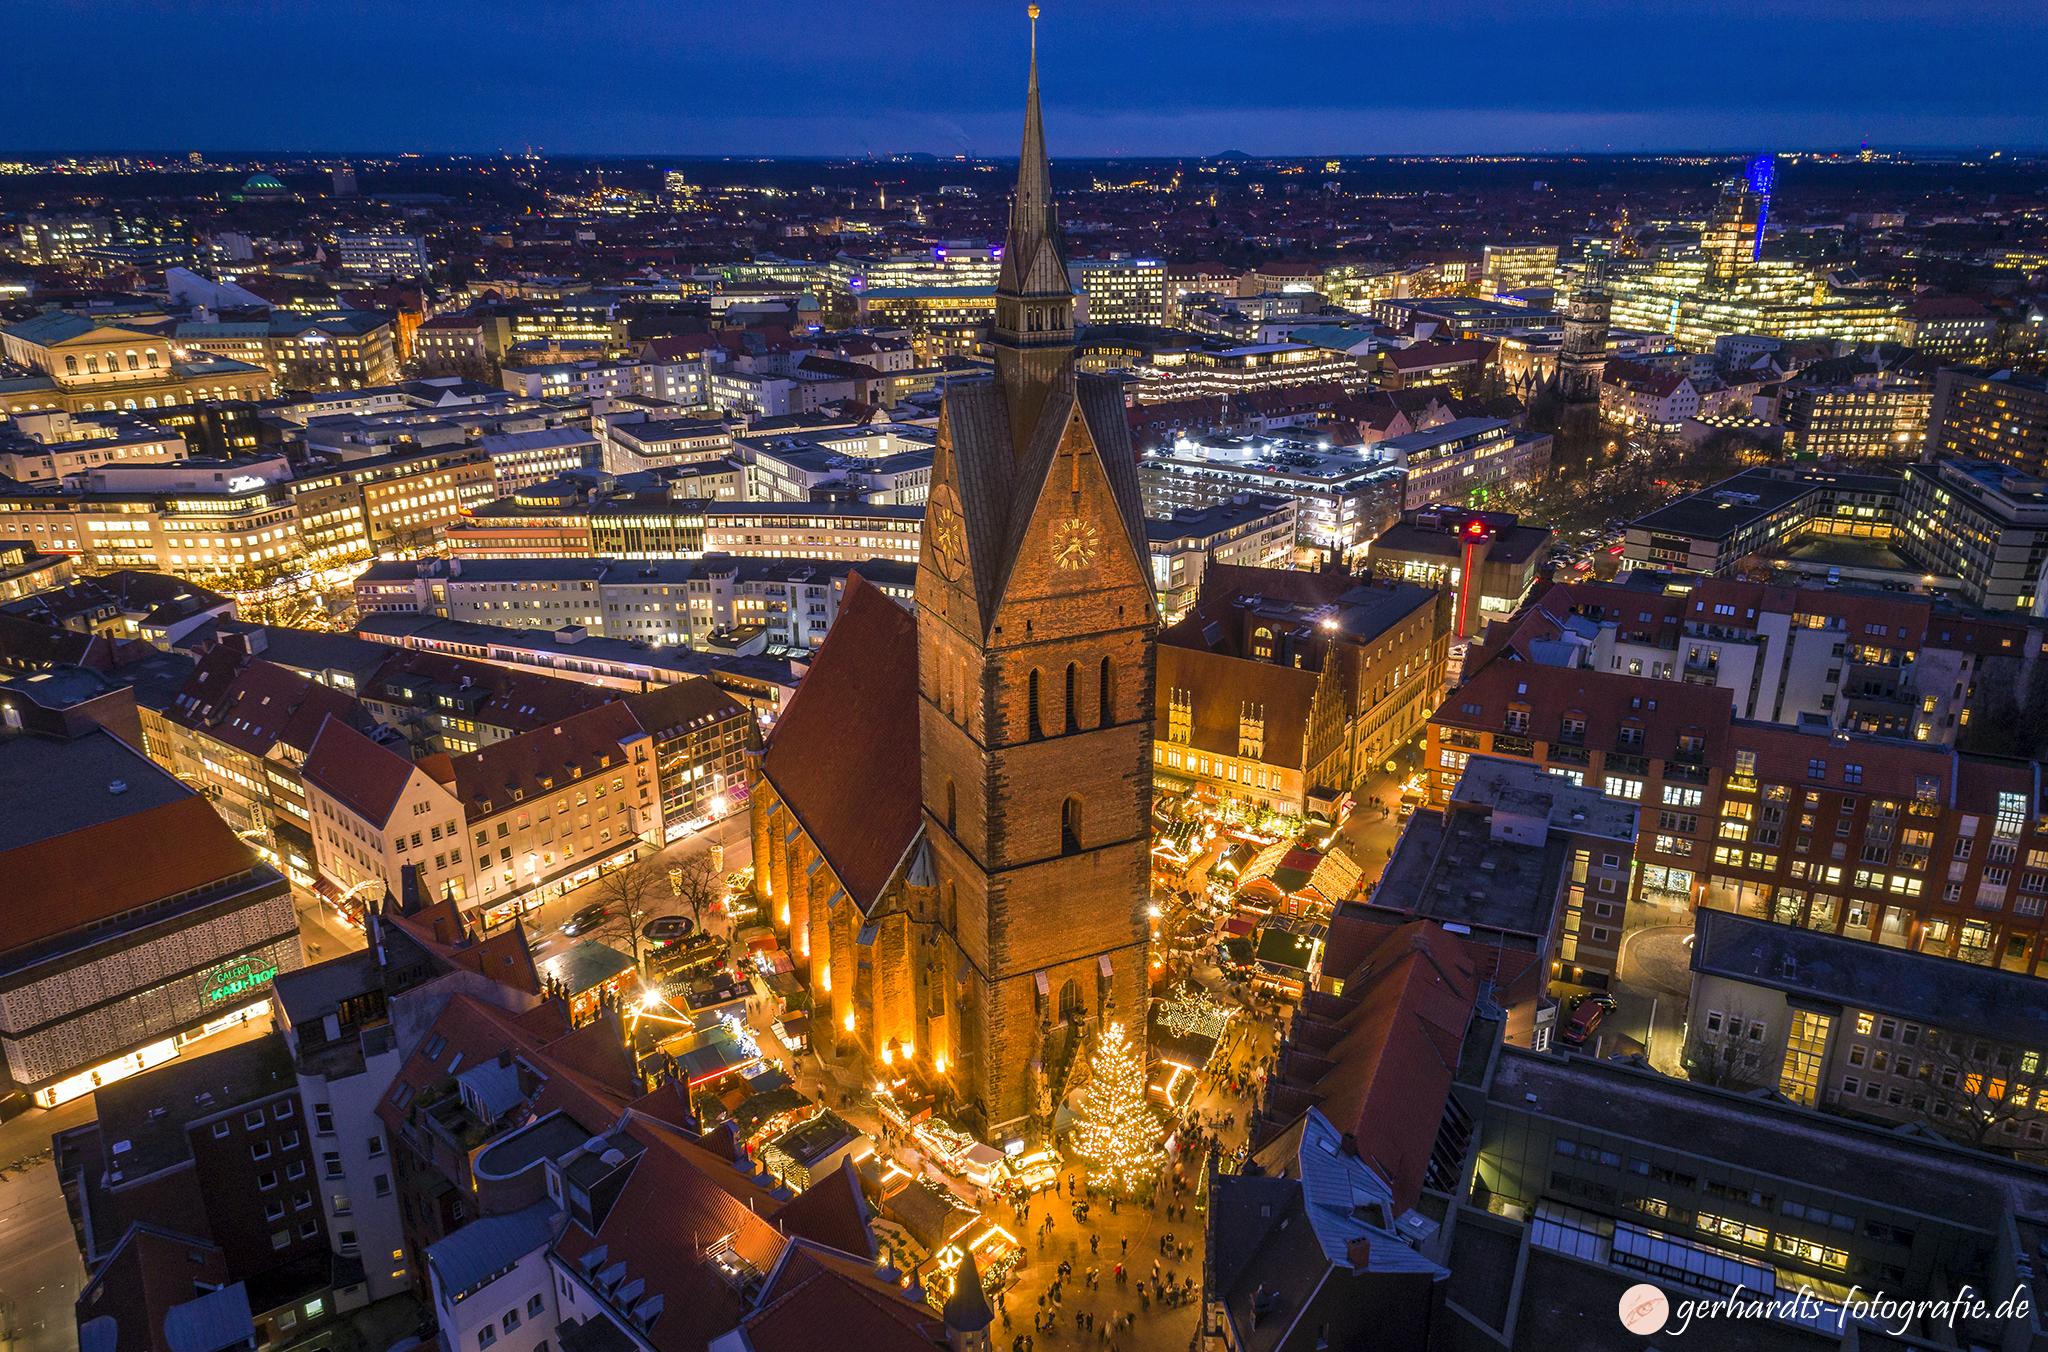 Weihnachtsmarkt Marktkiche Hannover Luftbild